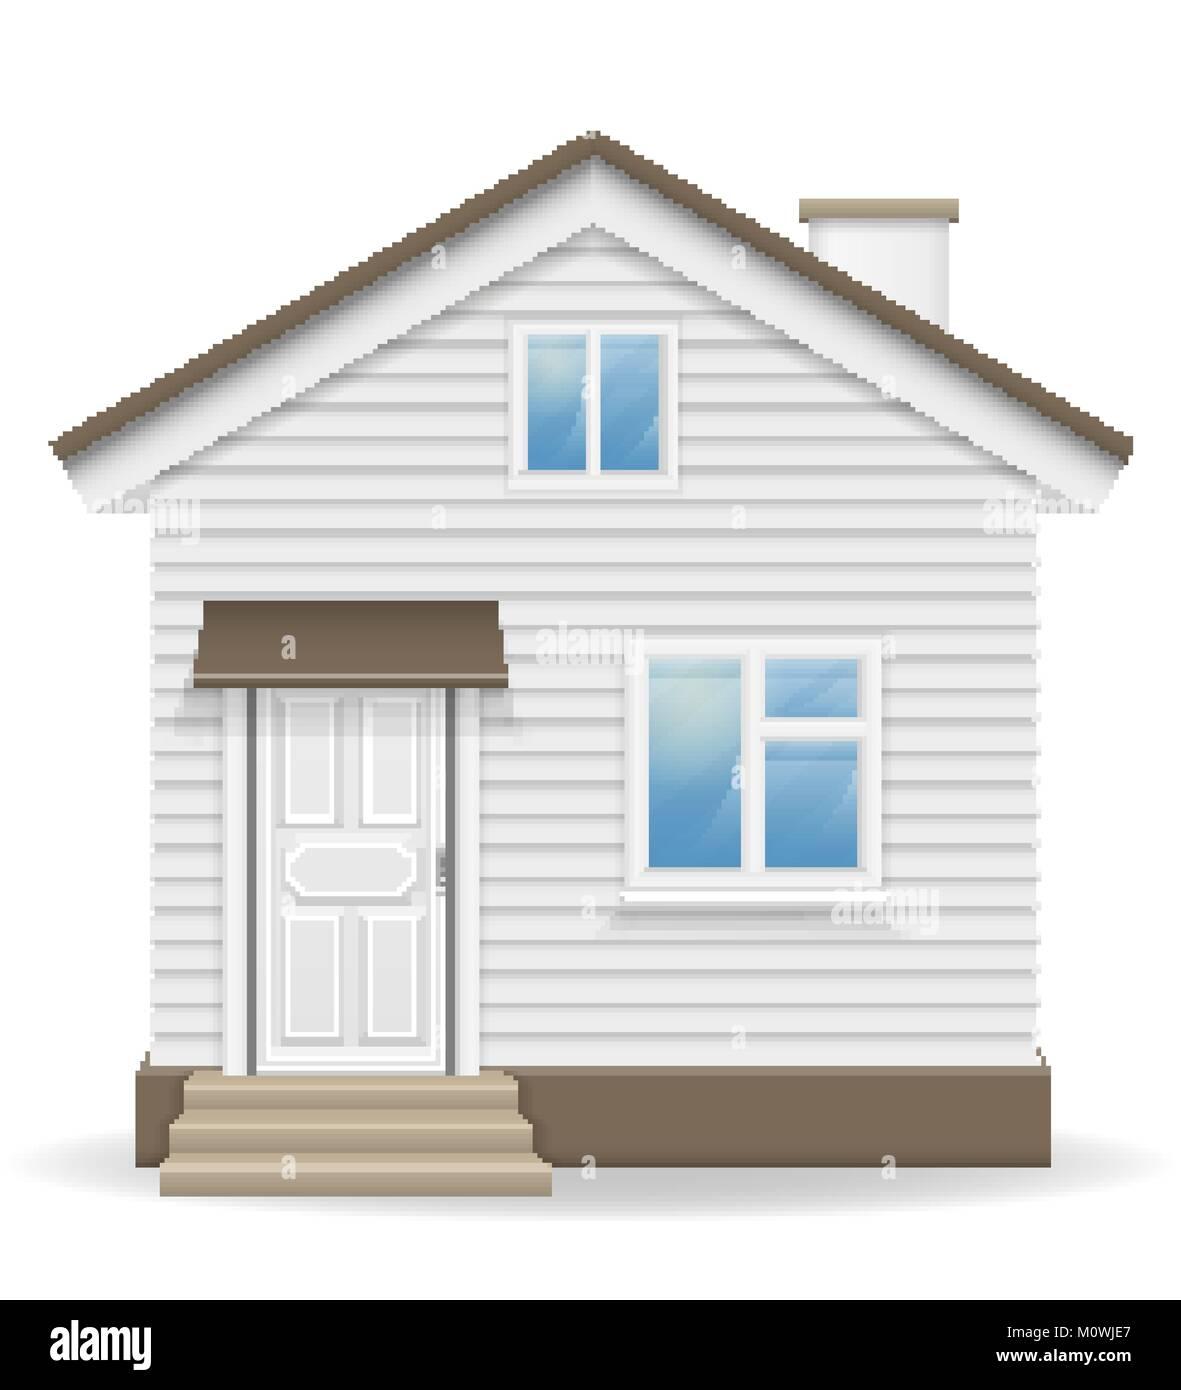 Pequeña casa de ilustración vectorial aislado sobre fondo blanco ...